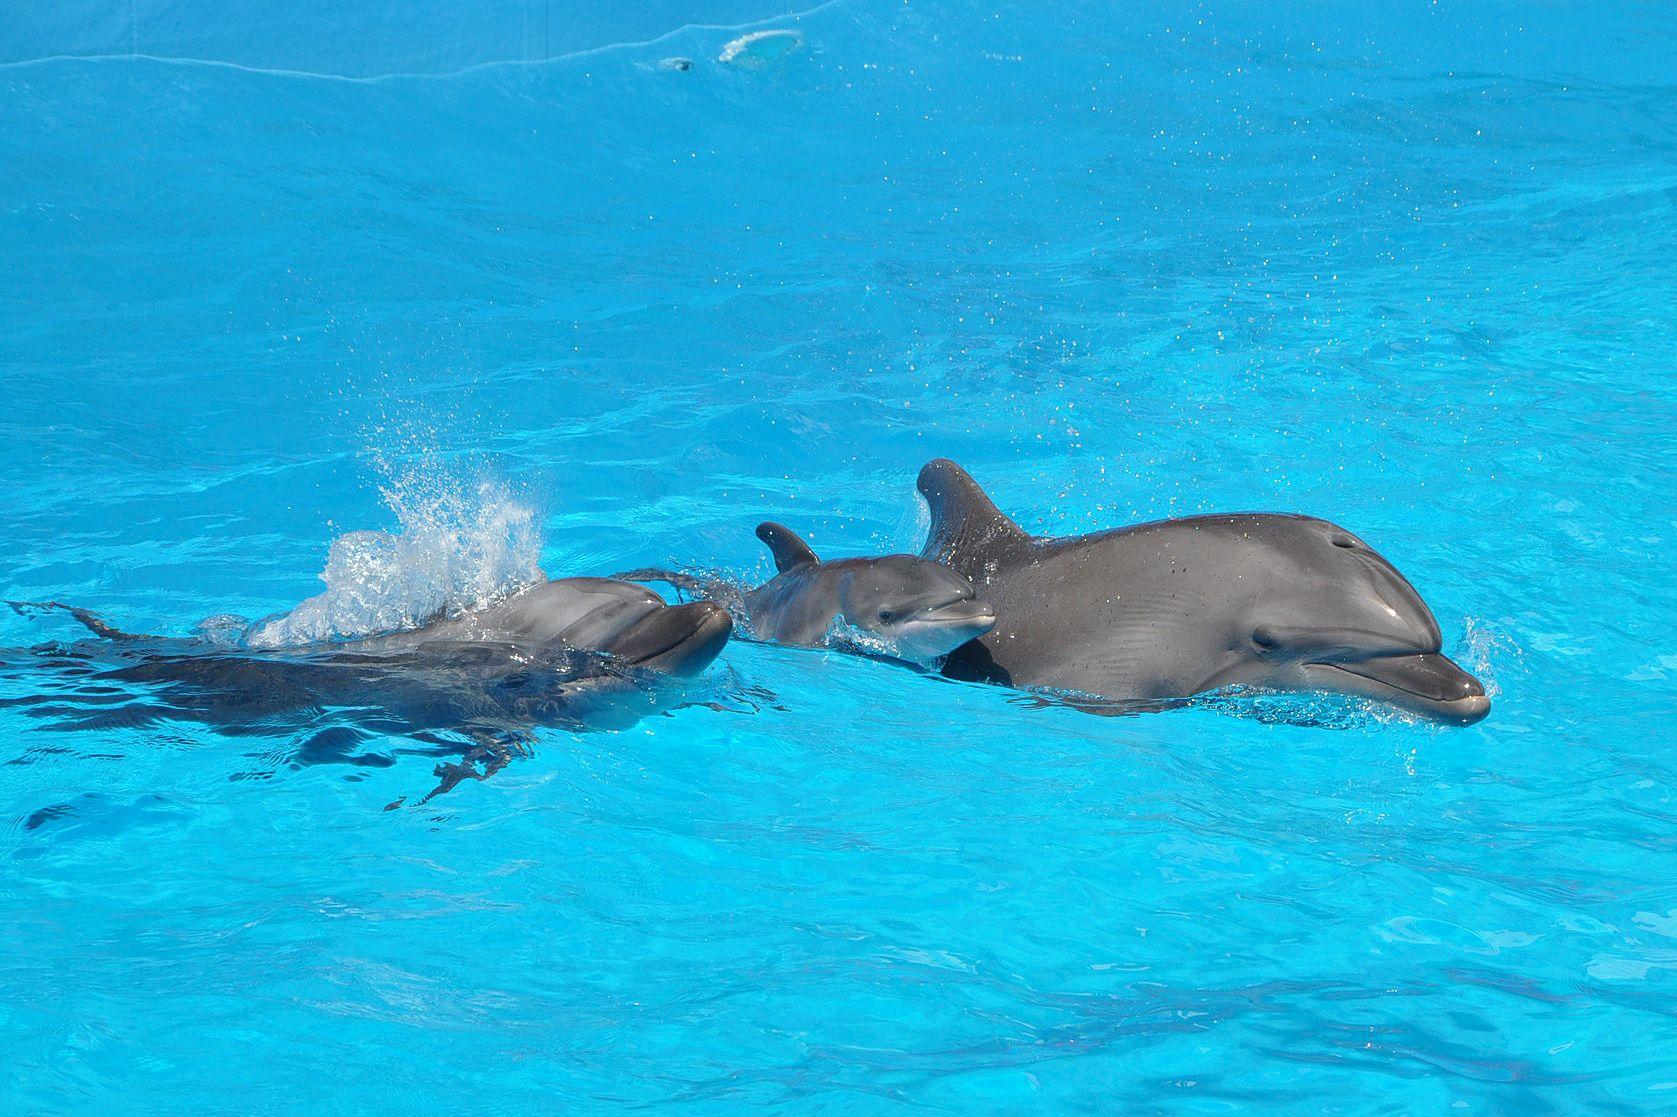 Украину обвинили в уничтожении дельфинов